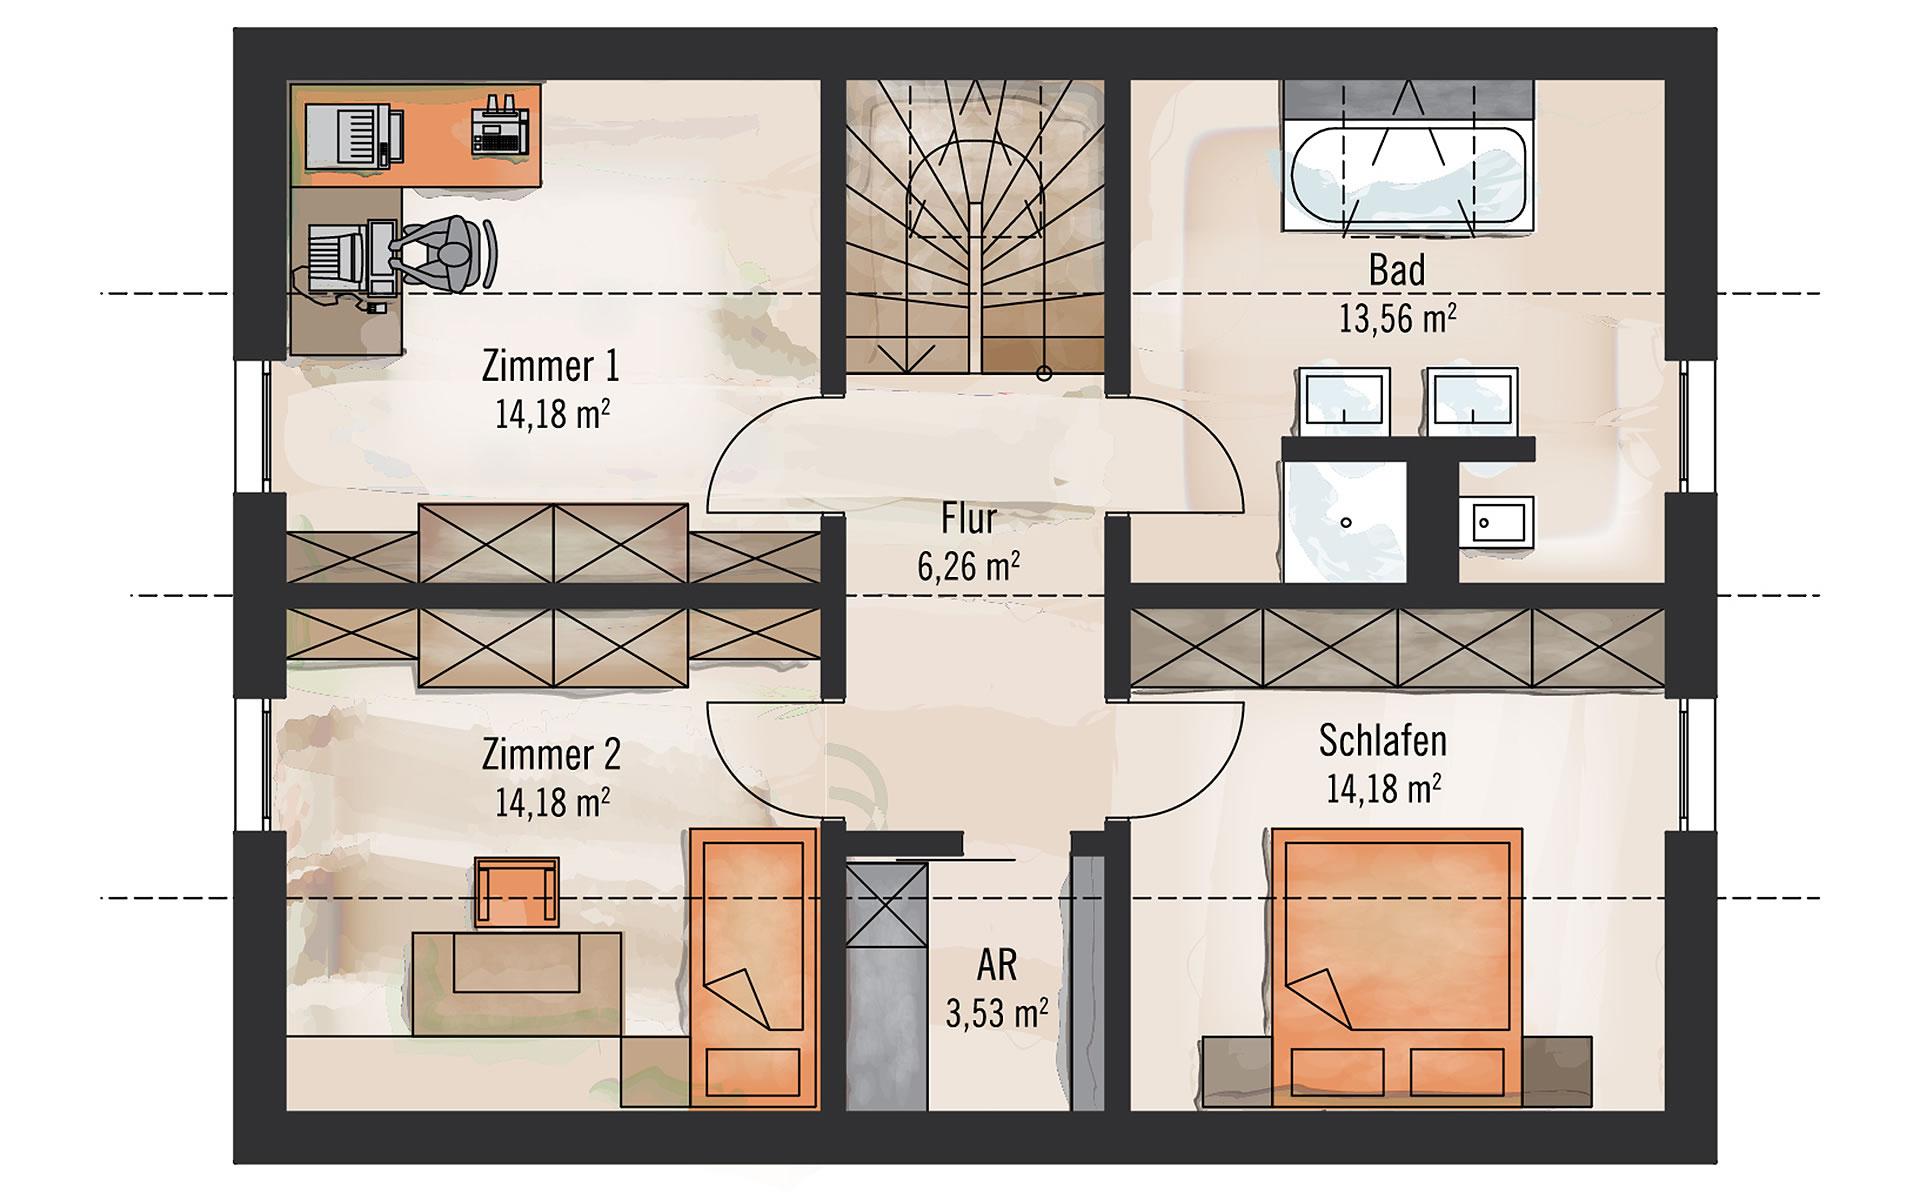 Dachgeschoss Klassisch und Fein 136 m² von Bau-Fritz GmbH & Co. KG, seit 1896